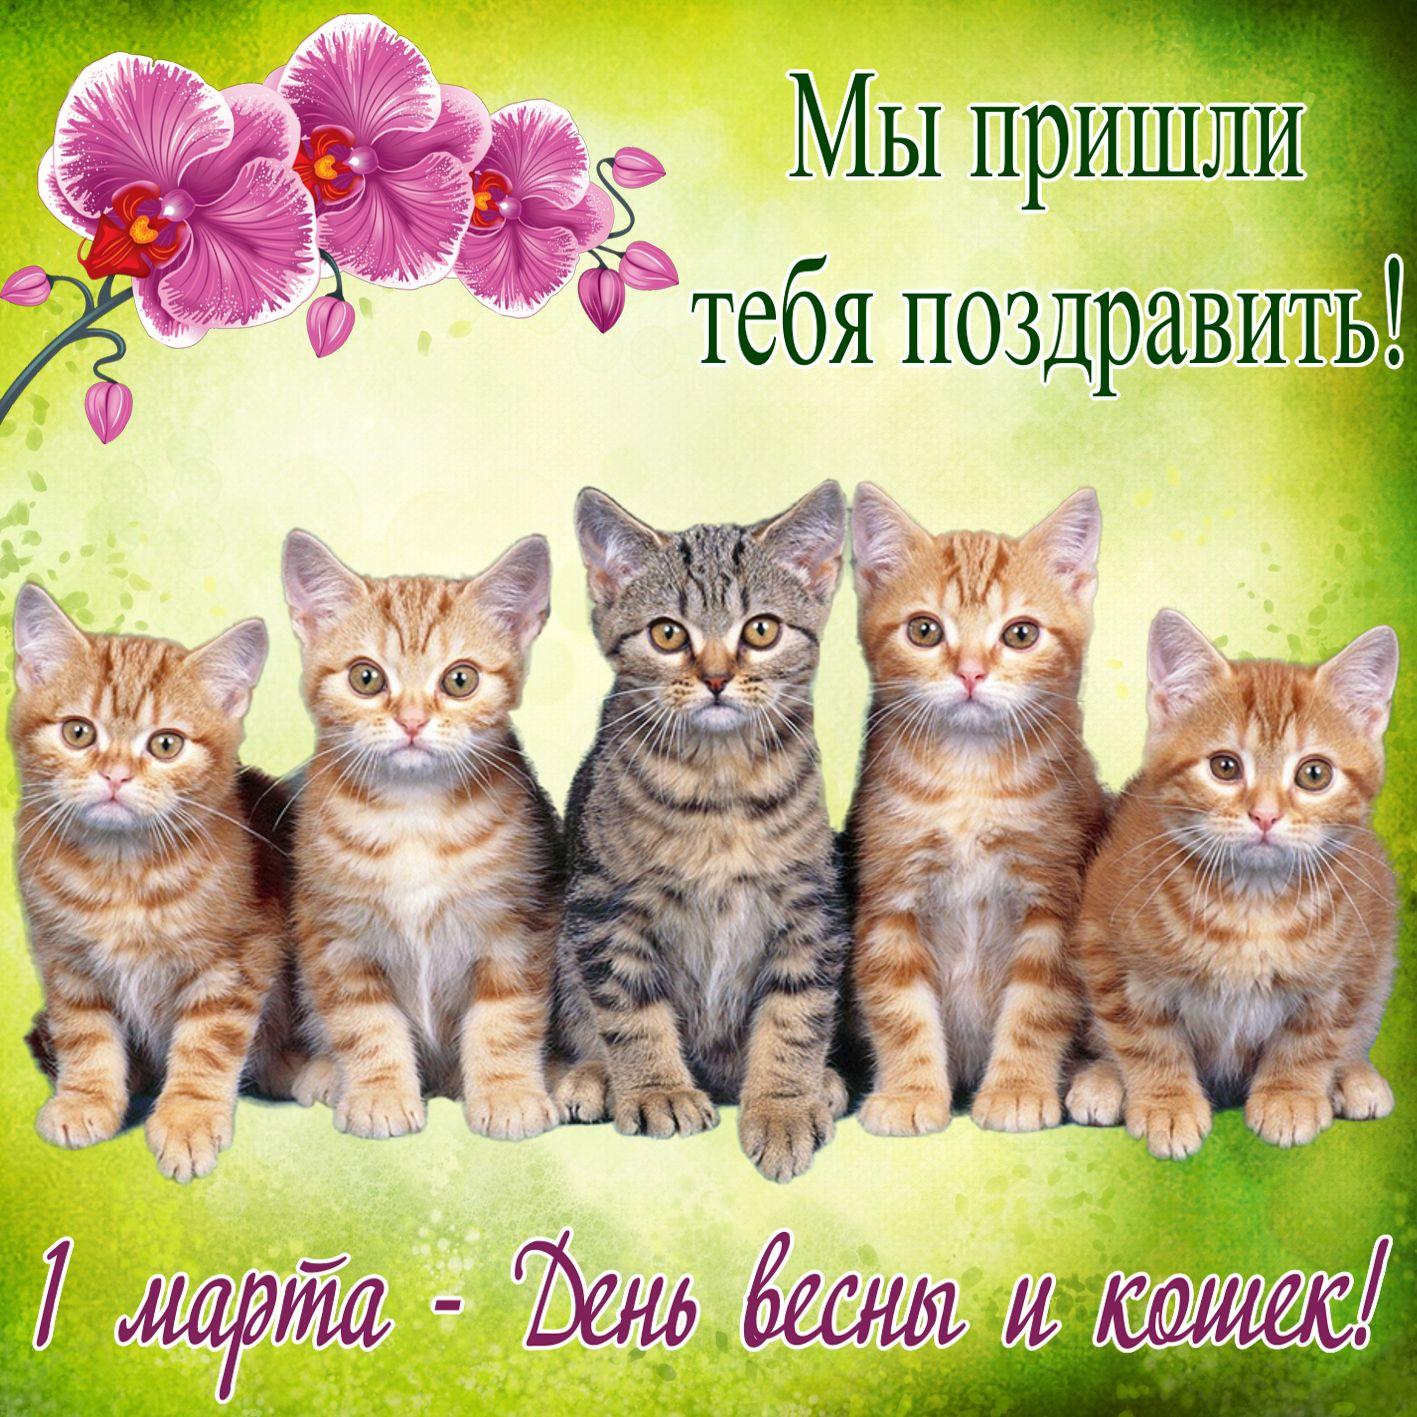 нашего отца поздравления с всемирным днем кошек 8 августа здания провели